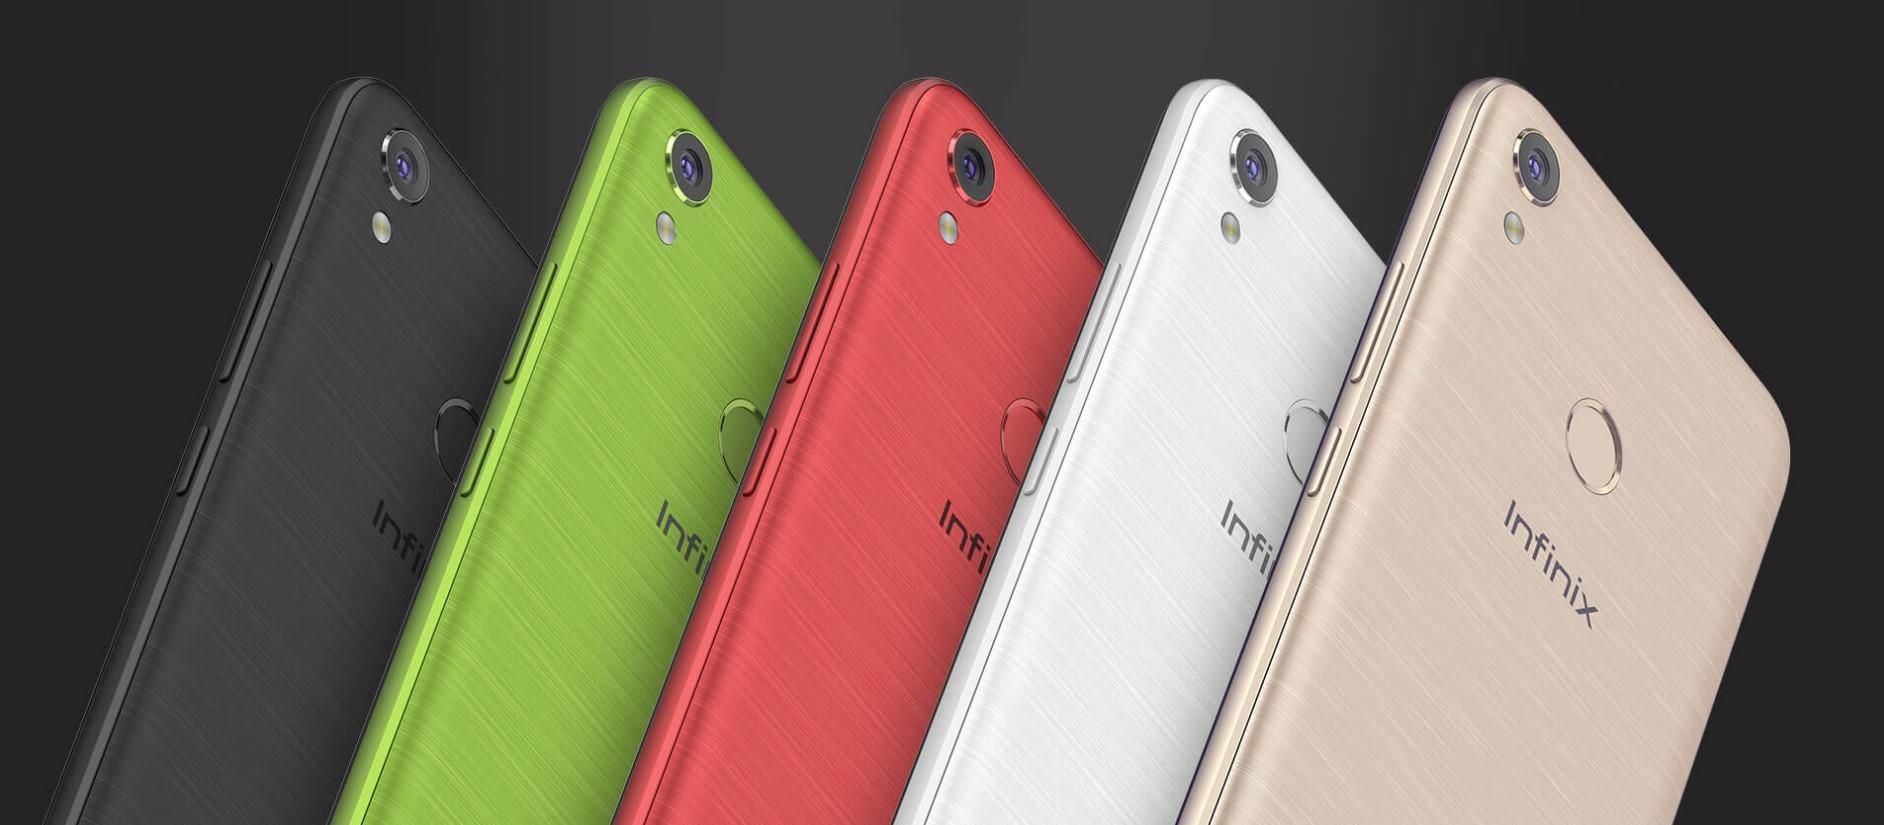 Infinix Hot 5 Colour Variants